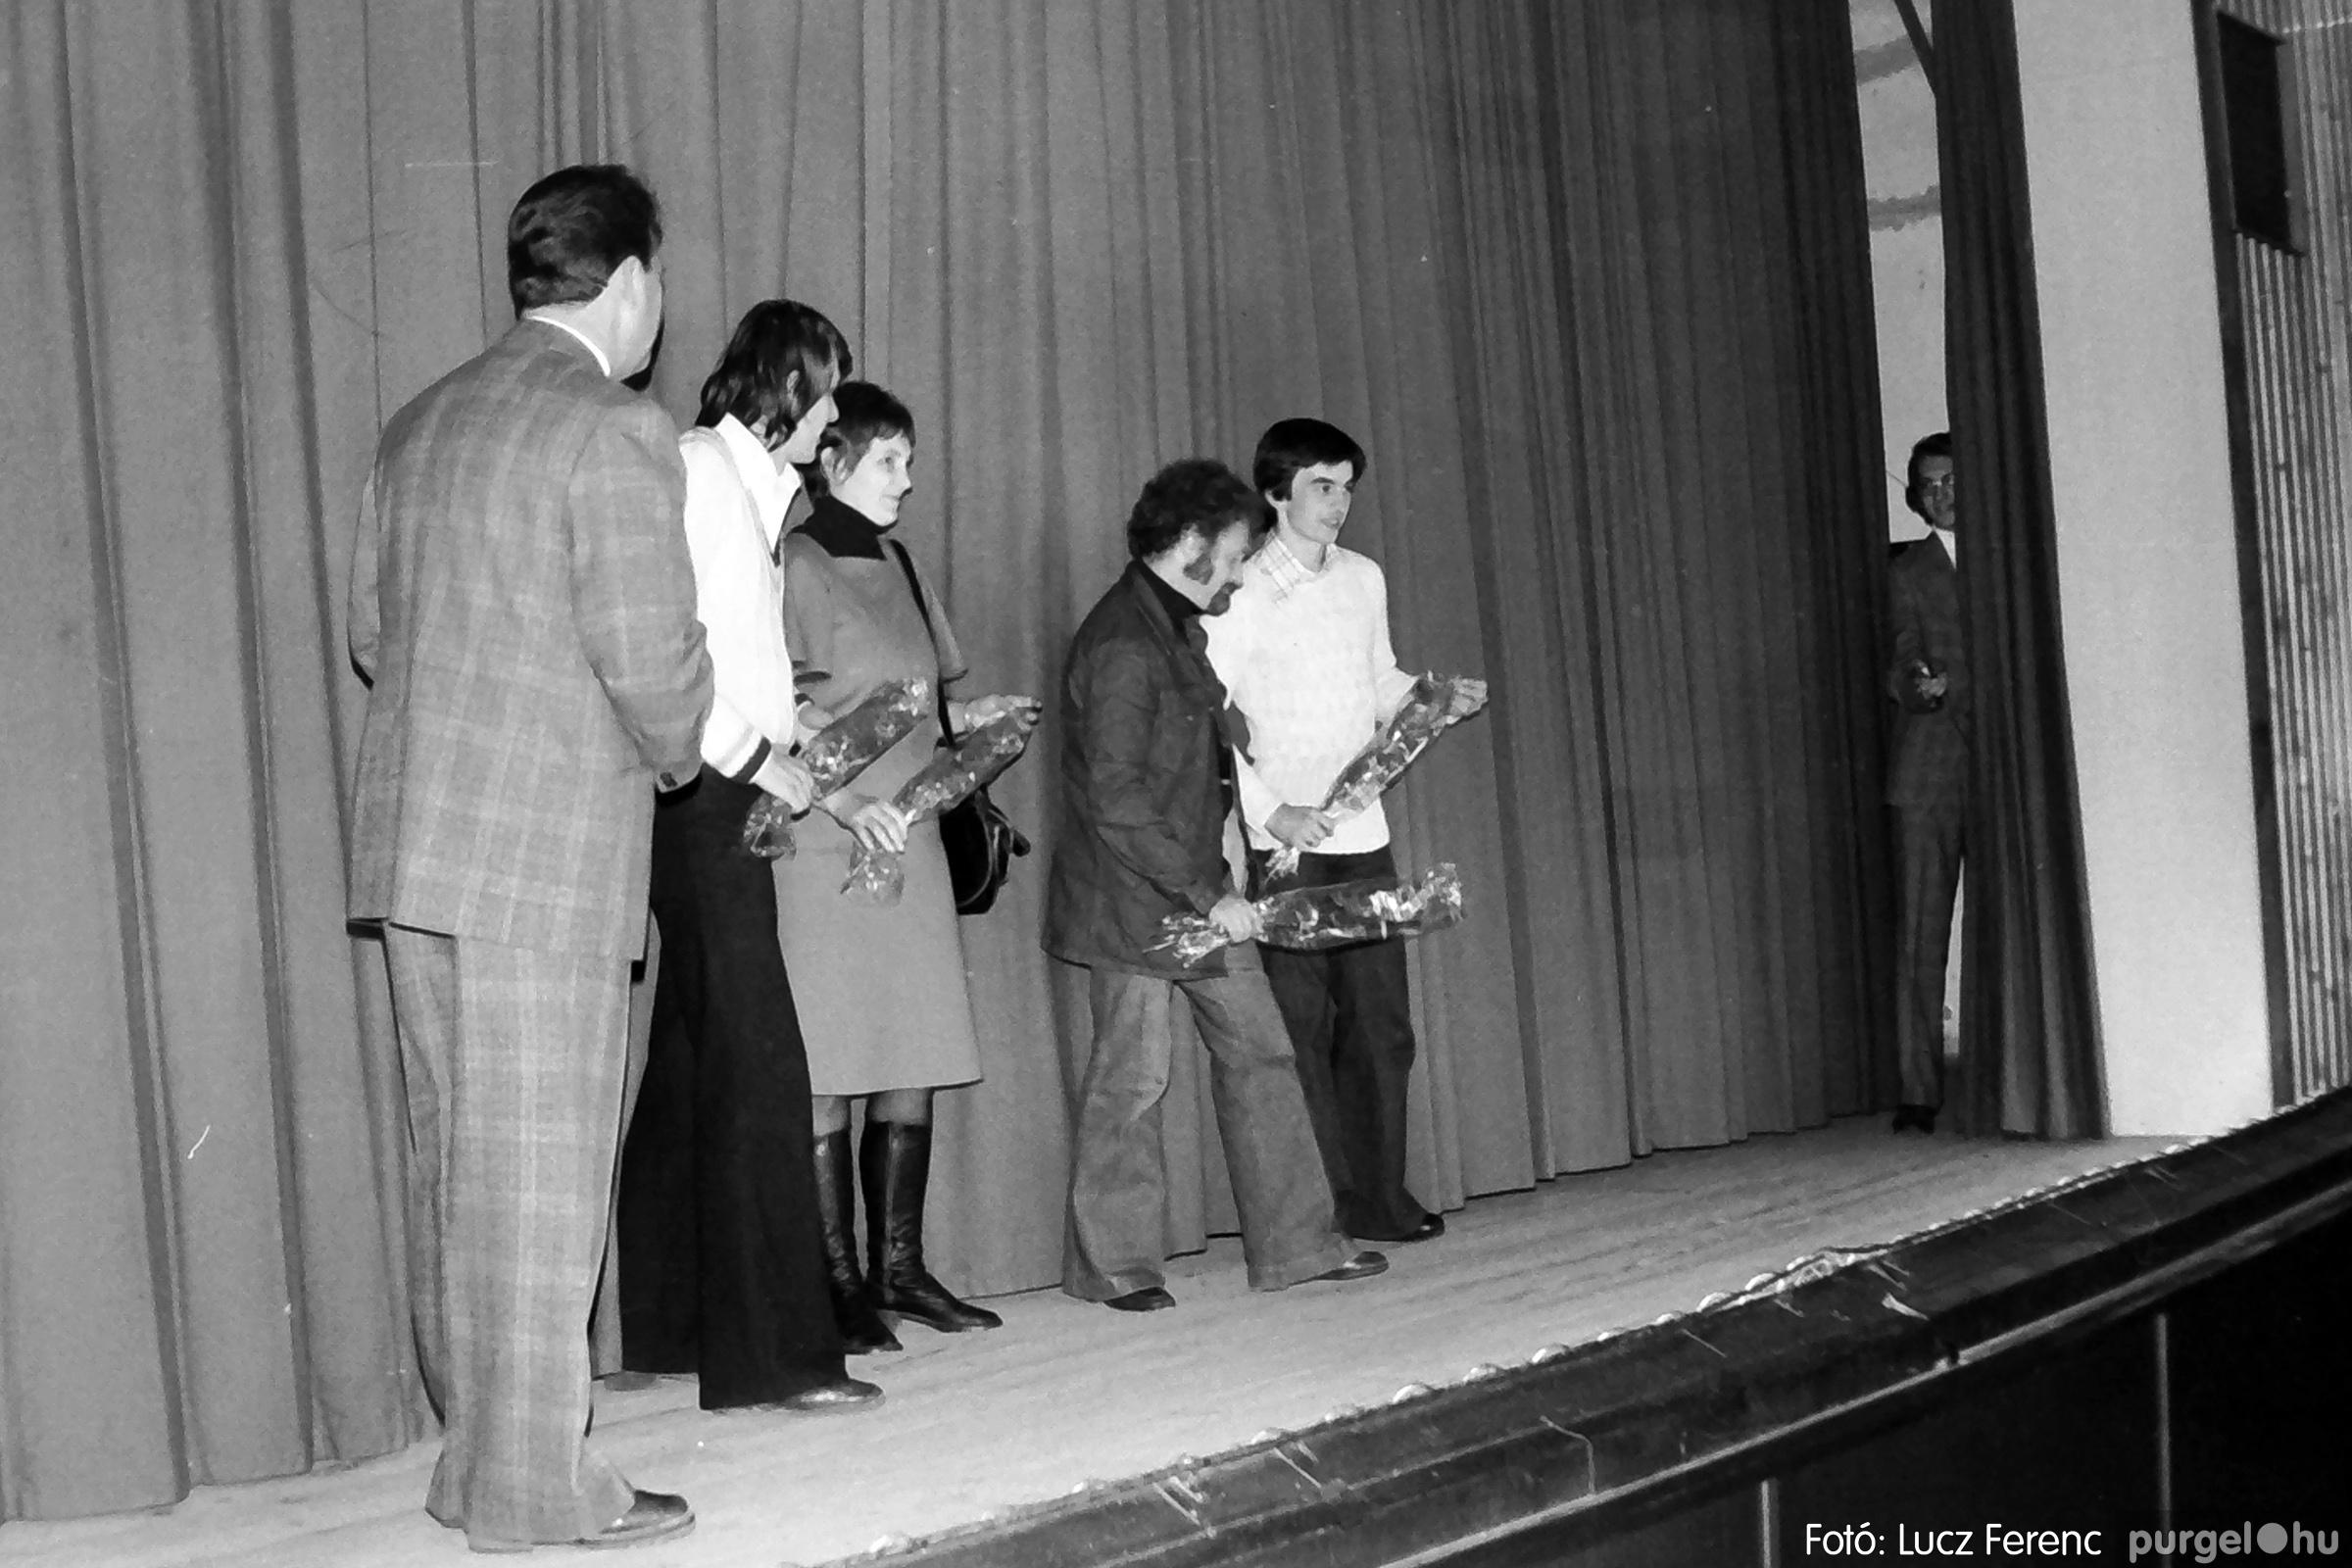 066-067. 1976. A Herkulesfürdői emlék című film ősbemutatója Szegváron 014. - Fotó: Lucz Ferenc.jpg